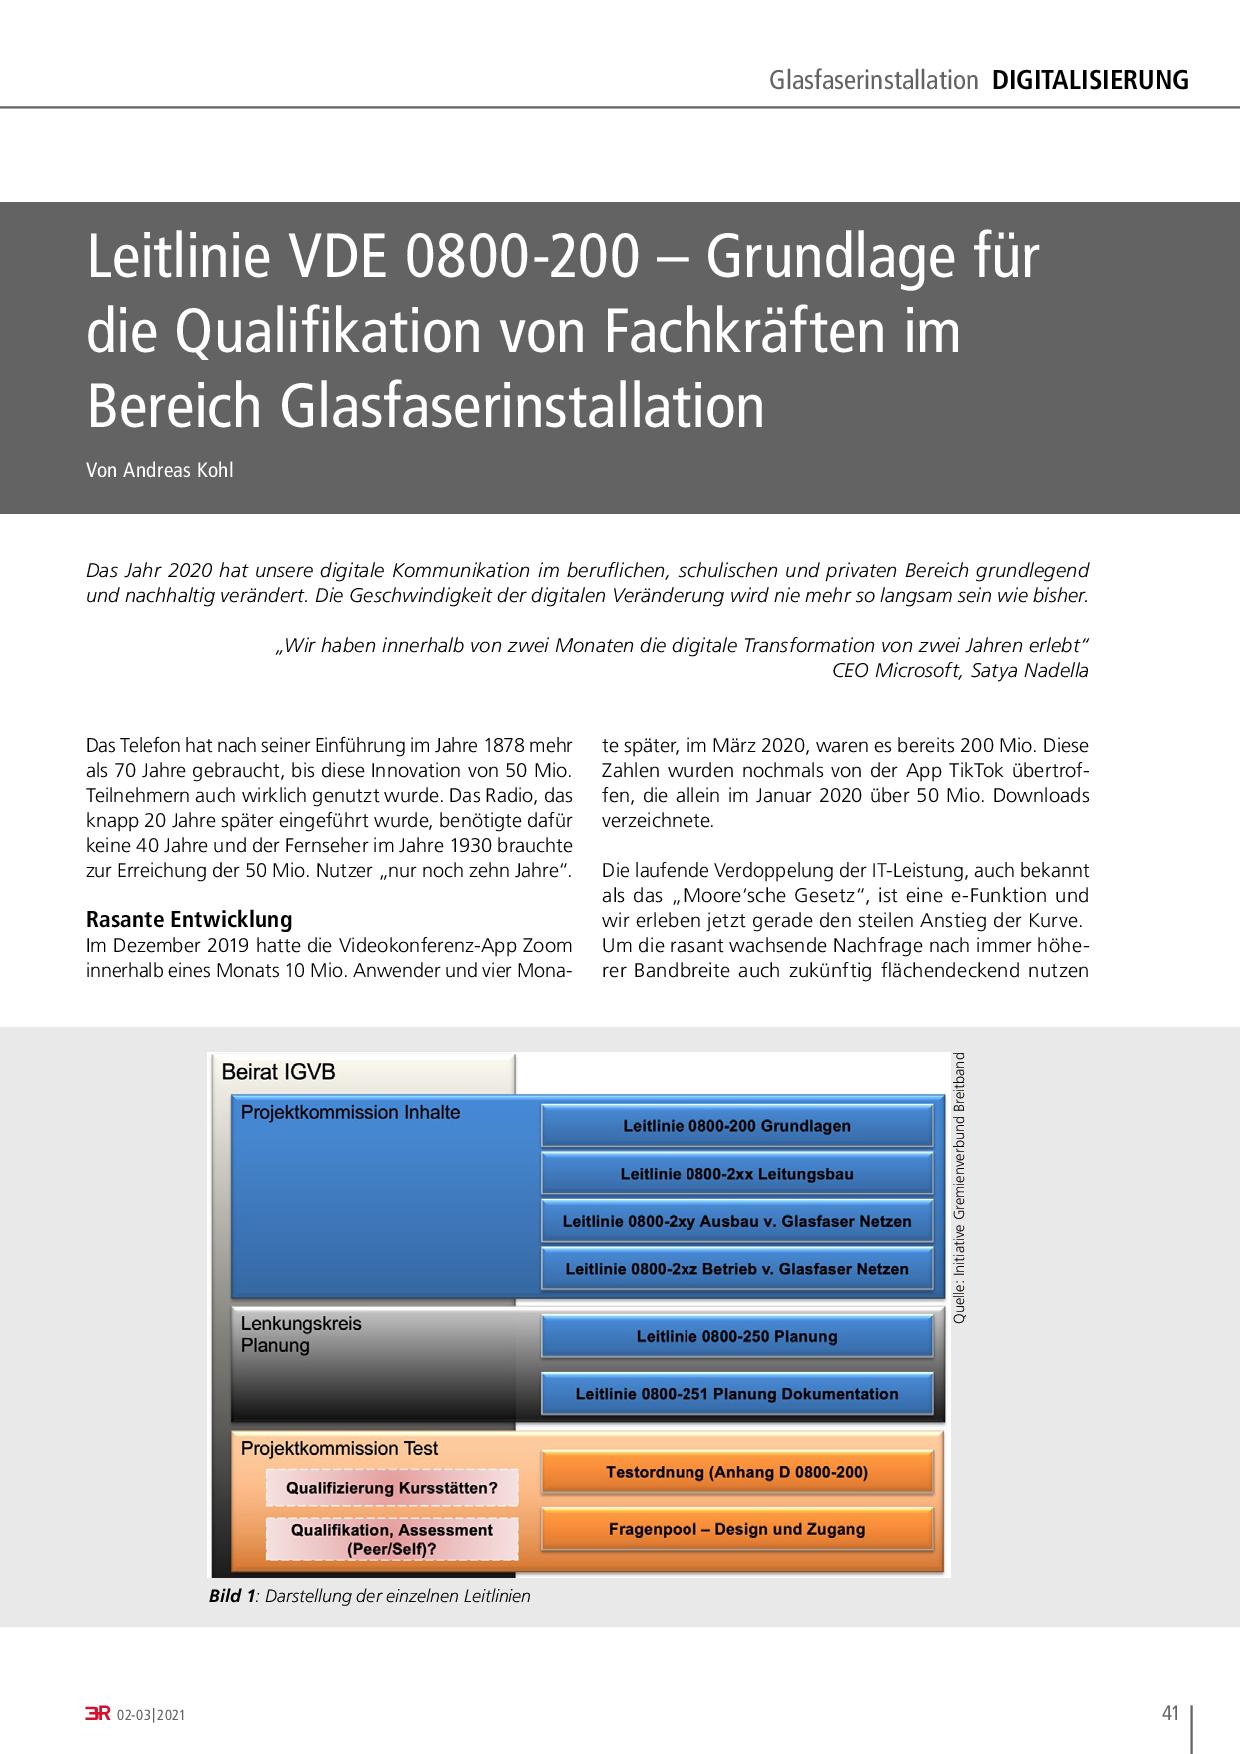 Leitlinie VDE 0800-200 – Grundlage für die Qualifikation von Fachkräften im Bereich Glasfaserinstallation